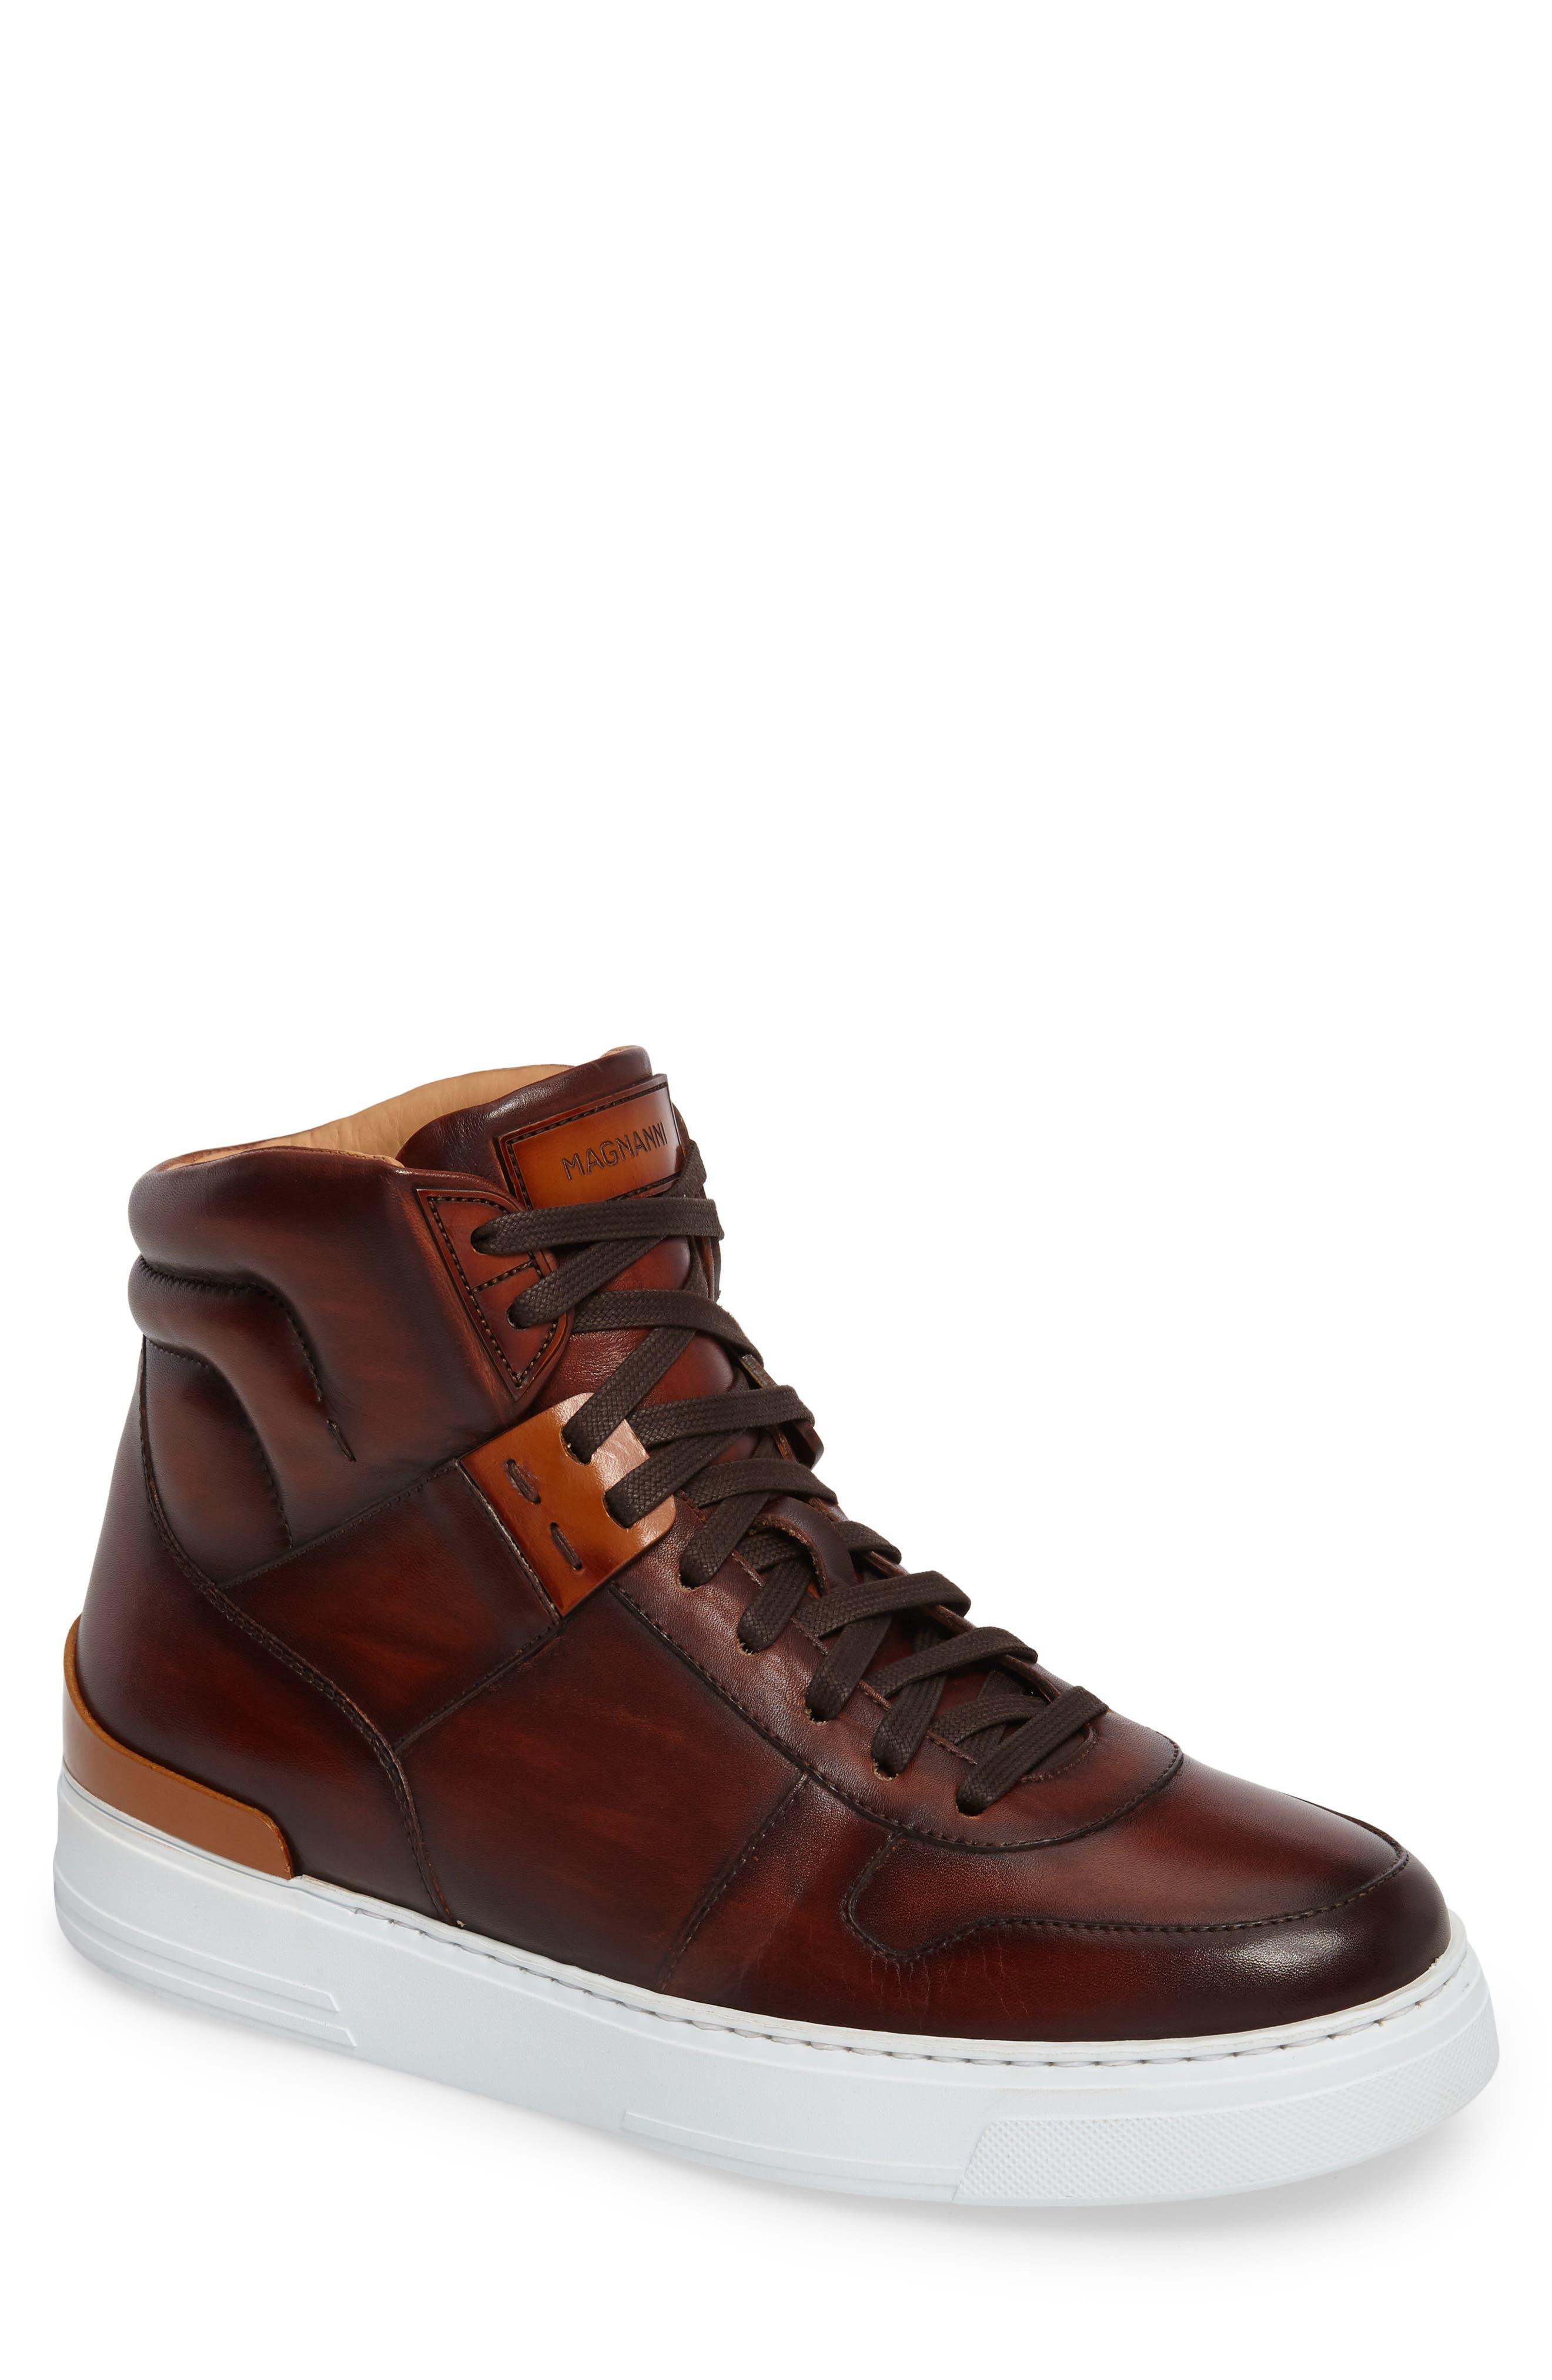 Magnanni Endo Hi Sneaker (Men)